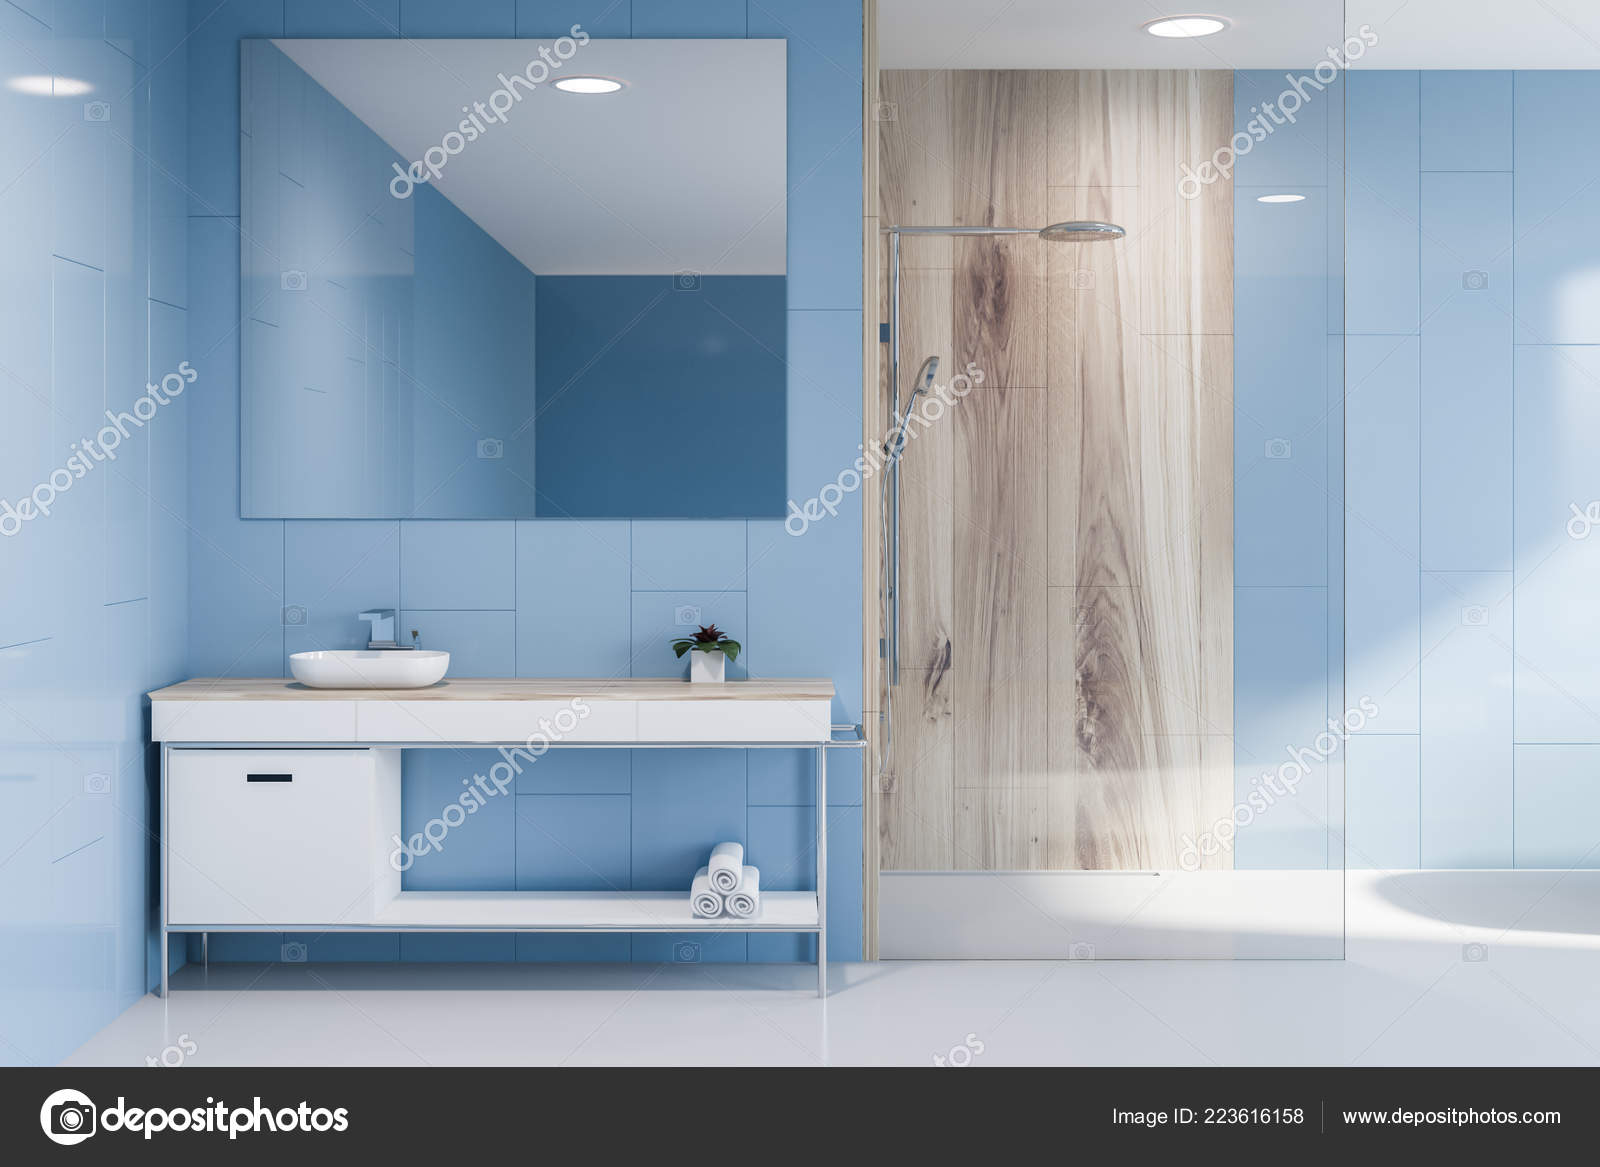 Marrone E Blu Arredo Bagno In Tessuto Con Ganci Single Window With White Curtain On A Wooden Made Foto Di Casa Di Boscaiolo Scenery Decor Shower Shower Casa E Cucina Tende Da